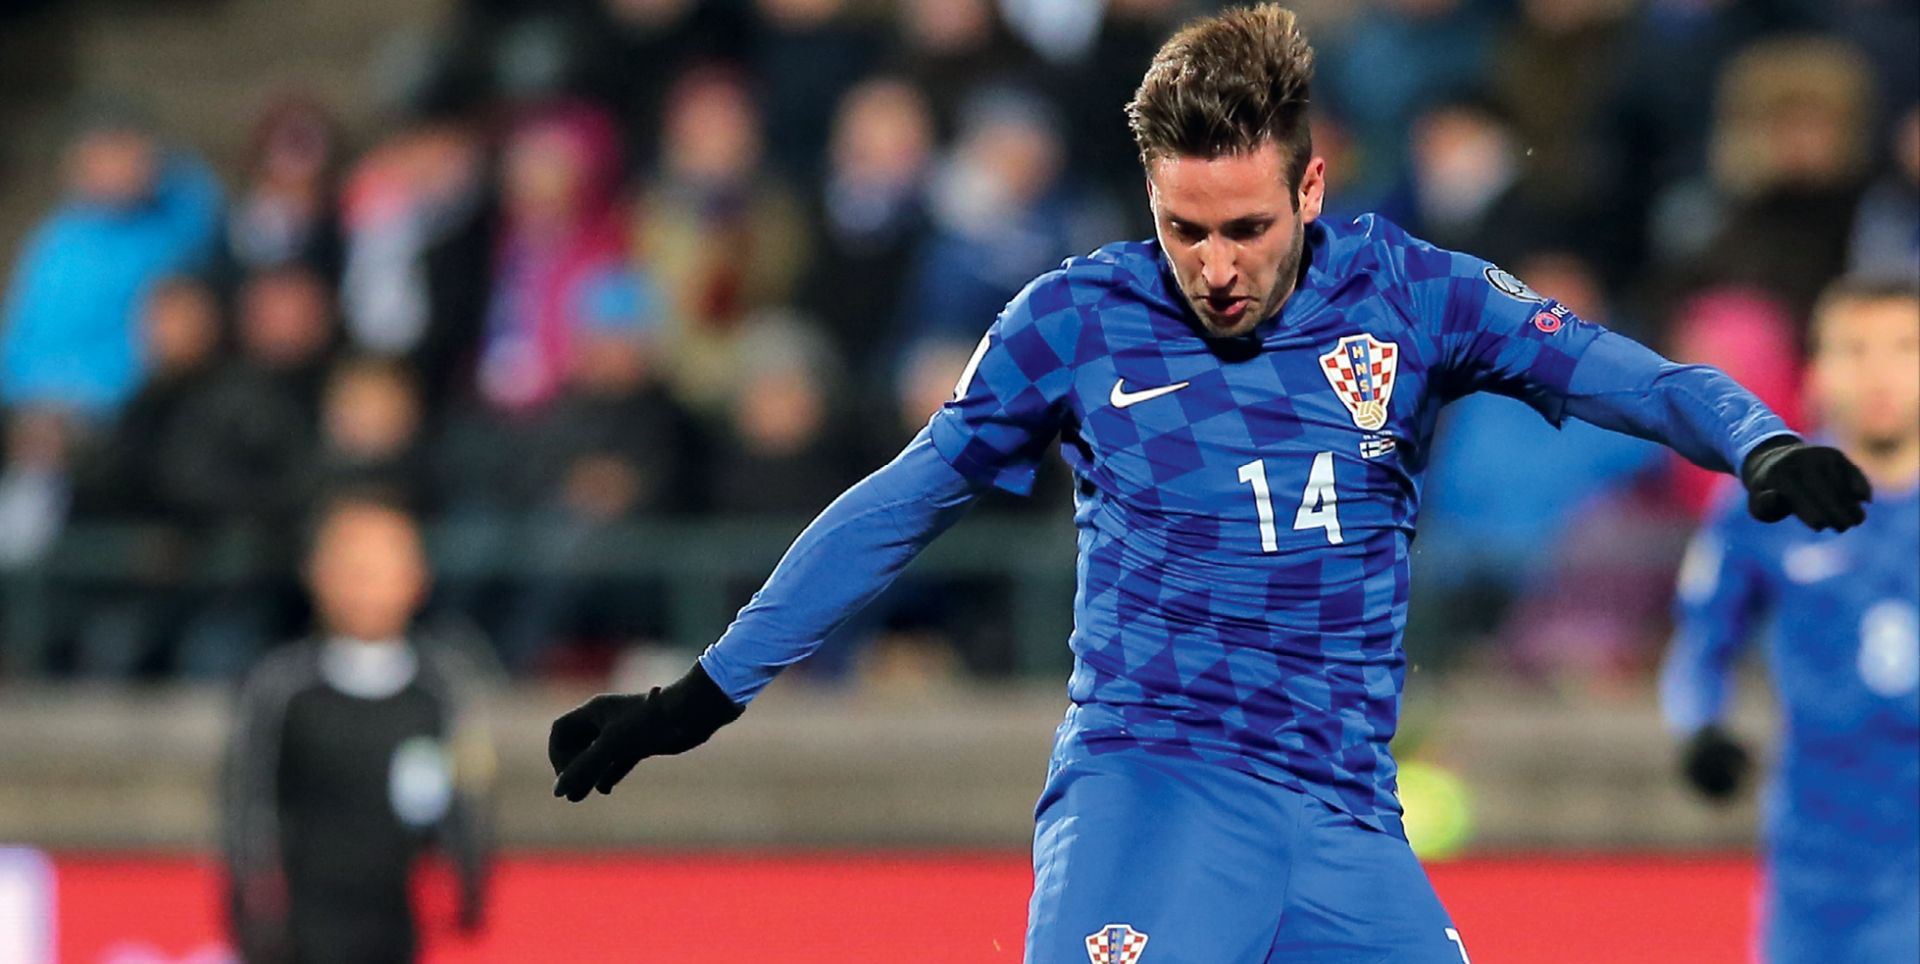 NACIONAL EKSKLUZIVNO Tri kanala obitelji Mamić za izvlačenje najmanje 2,3 milijuna eura na transferu Duje Čopa u Cagliari